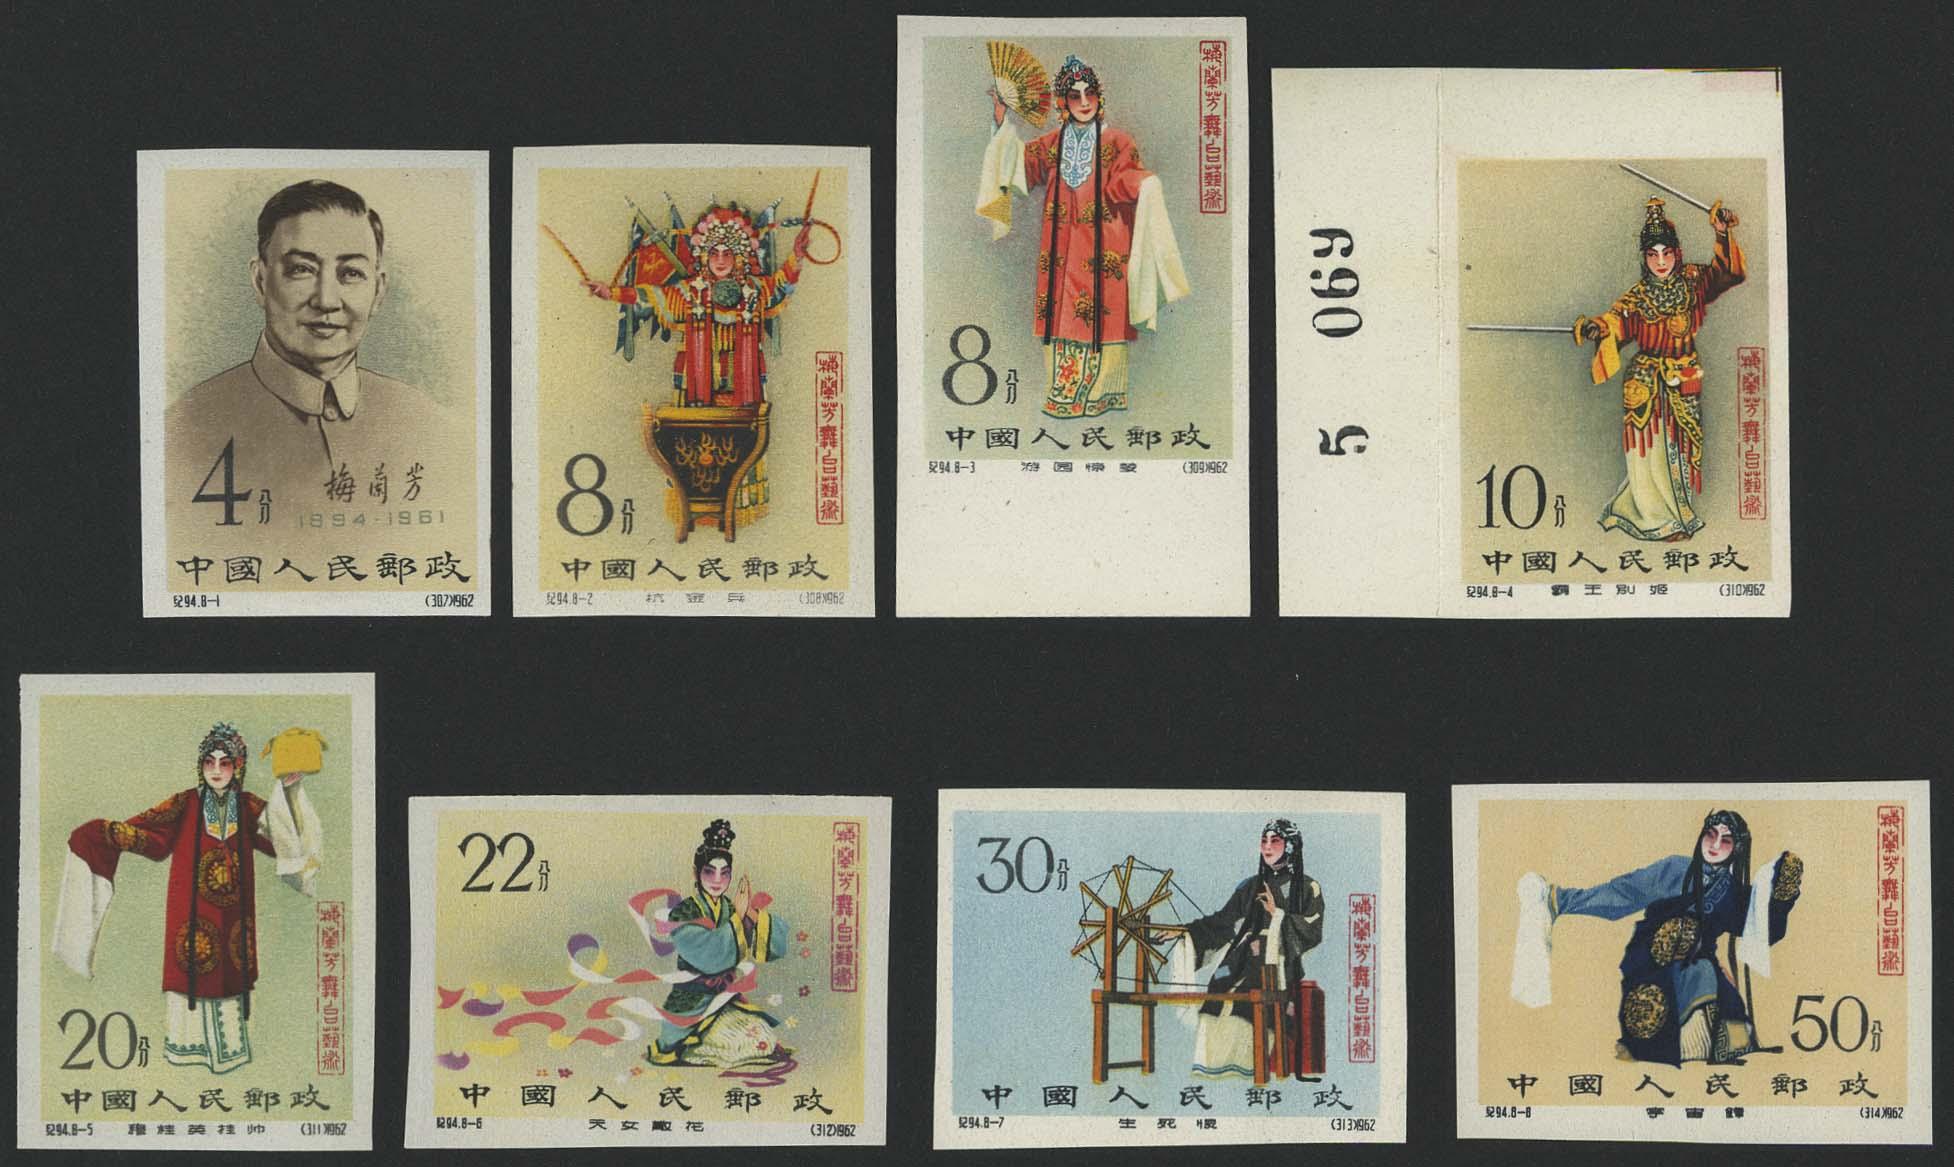 Lot 5010 - Übersee A-Z China - Volksrepublik (PRC) - Markenausgaben -  Auktionshaus Ulrich Felzmann GmbH & Co. KG